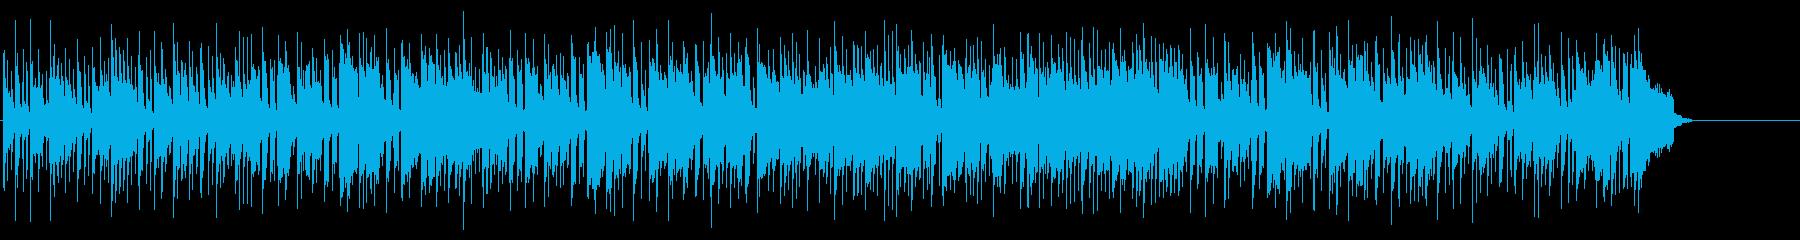 情報向けの爽やかなポップフュージョンの再生済みの波形